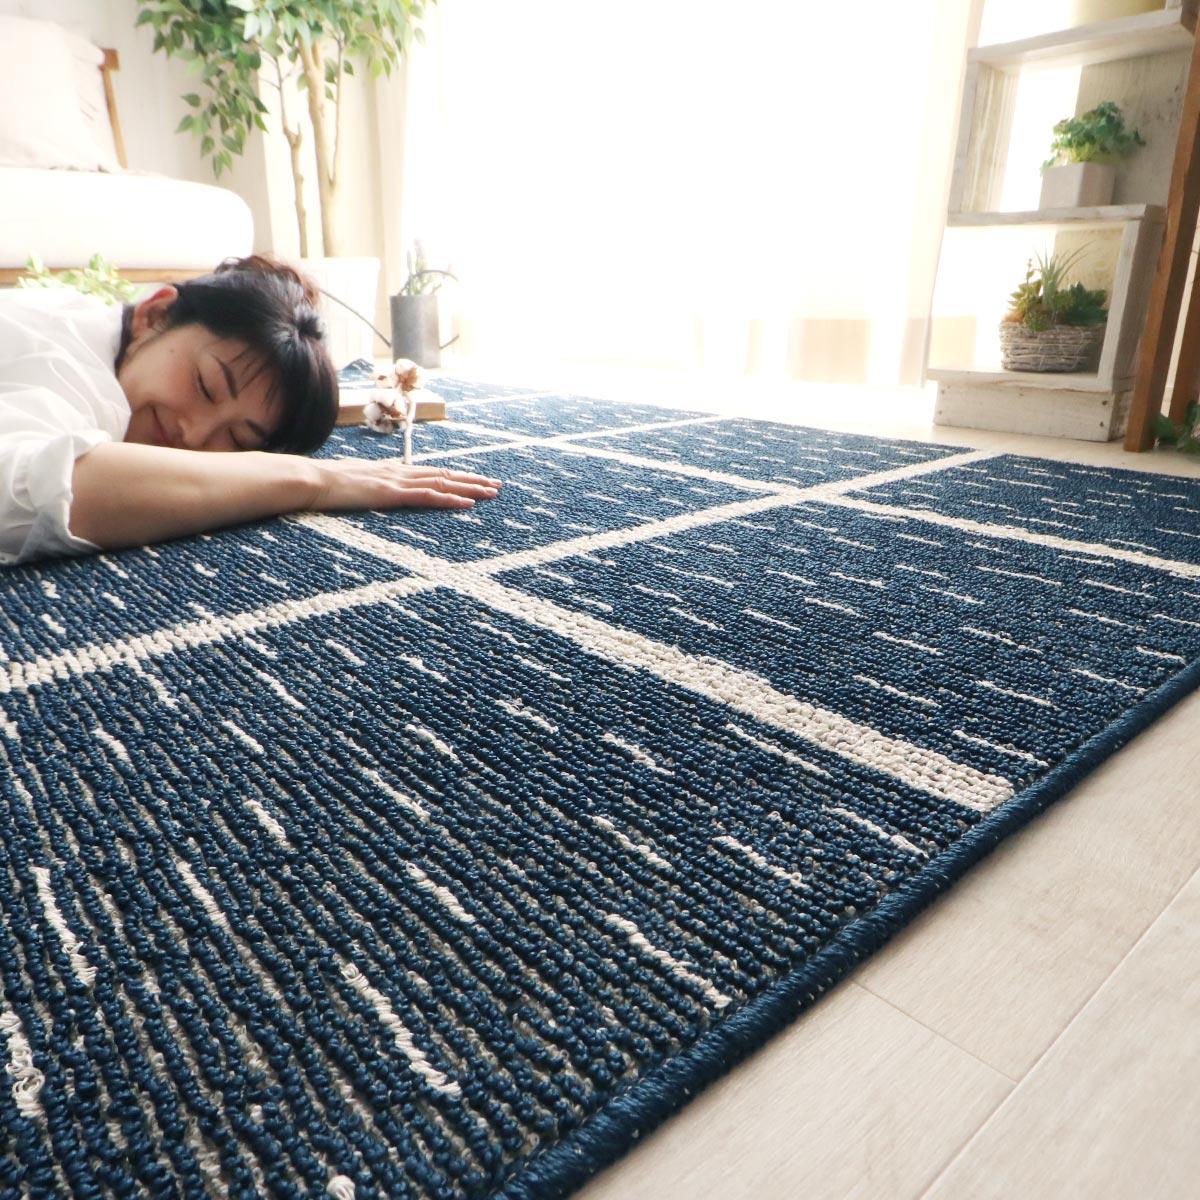 洗える天然素材リネンと綿の日本製防ダニラグ『グリディル』